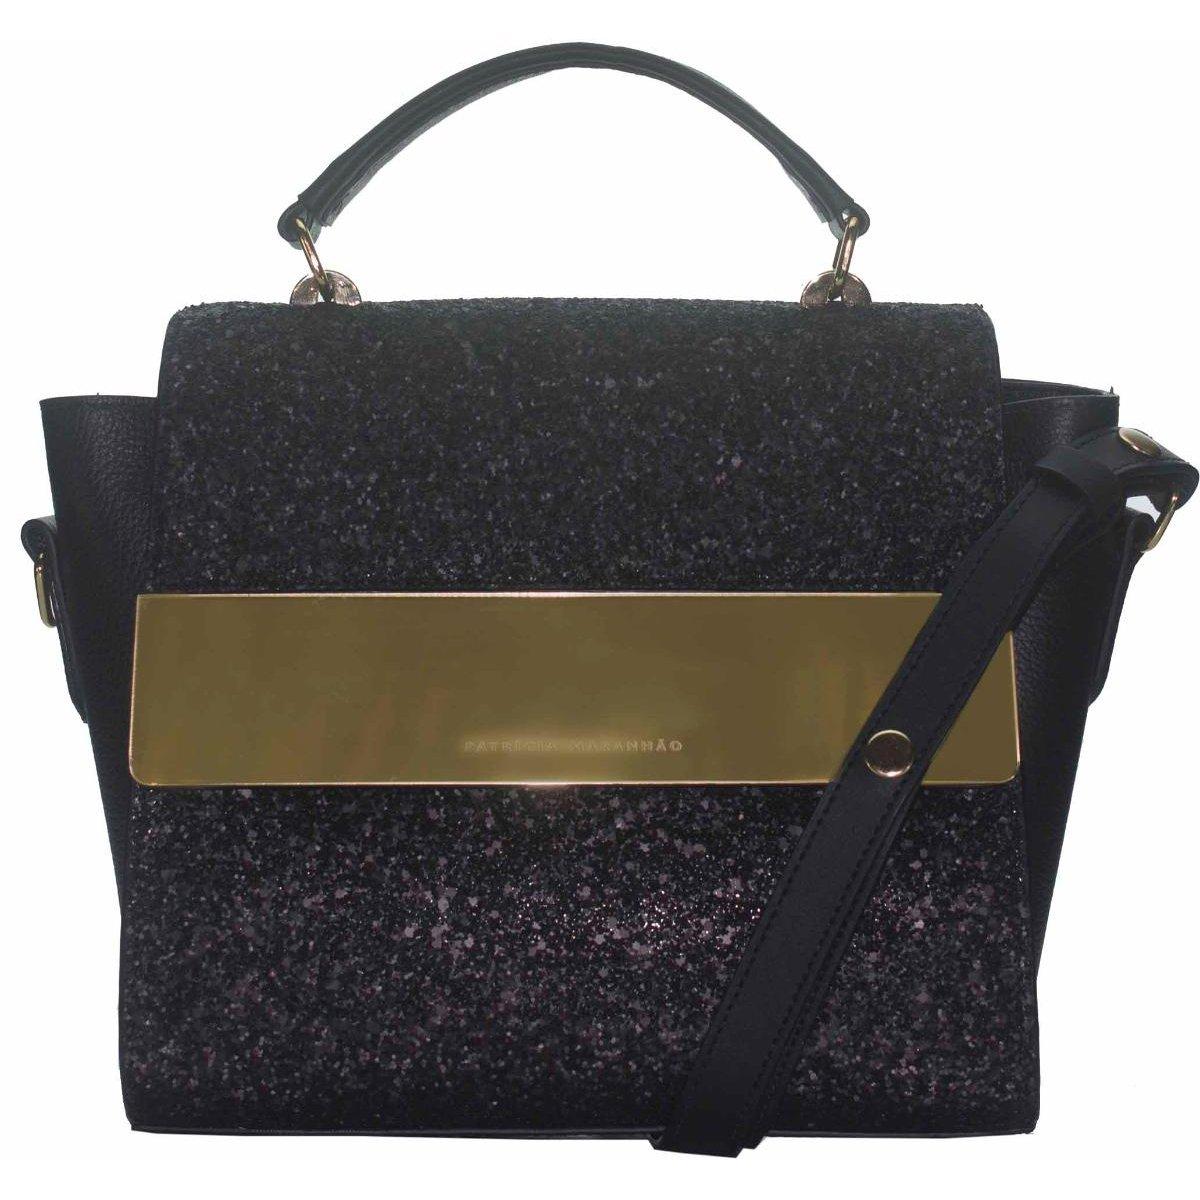 5dfe2d82d Bolsa Londres Glitter em Couro Patricia Maranhão Feminina - Compre Agora